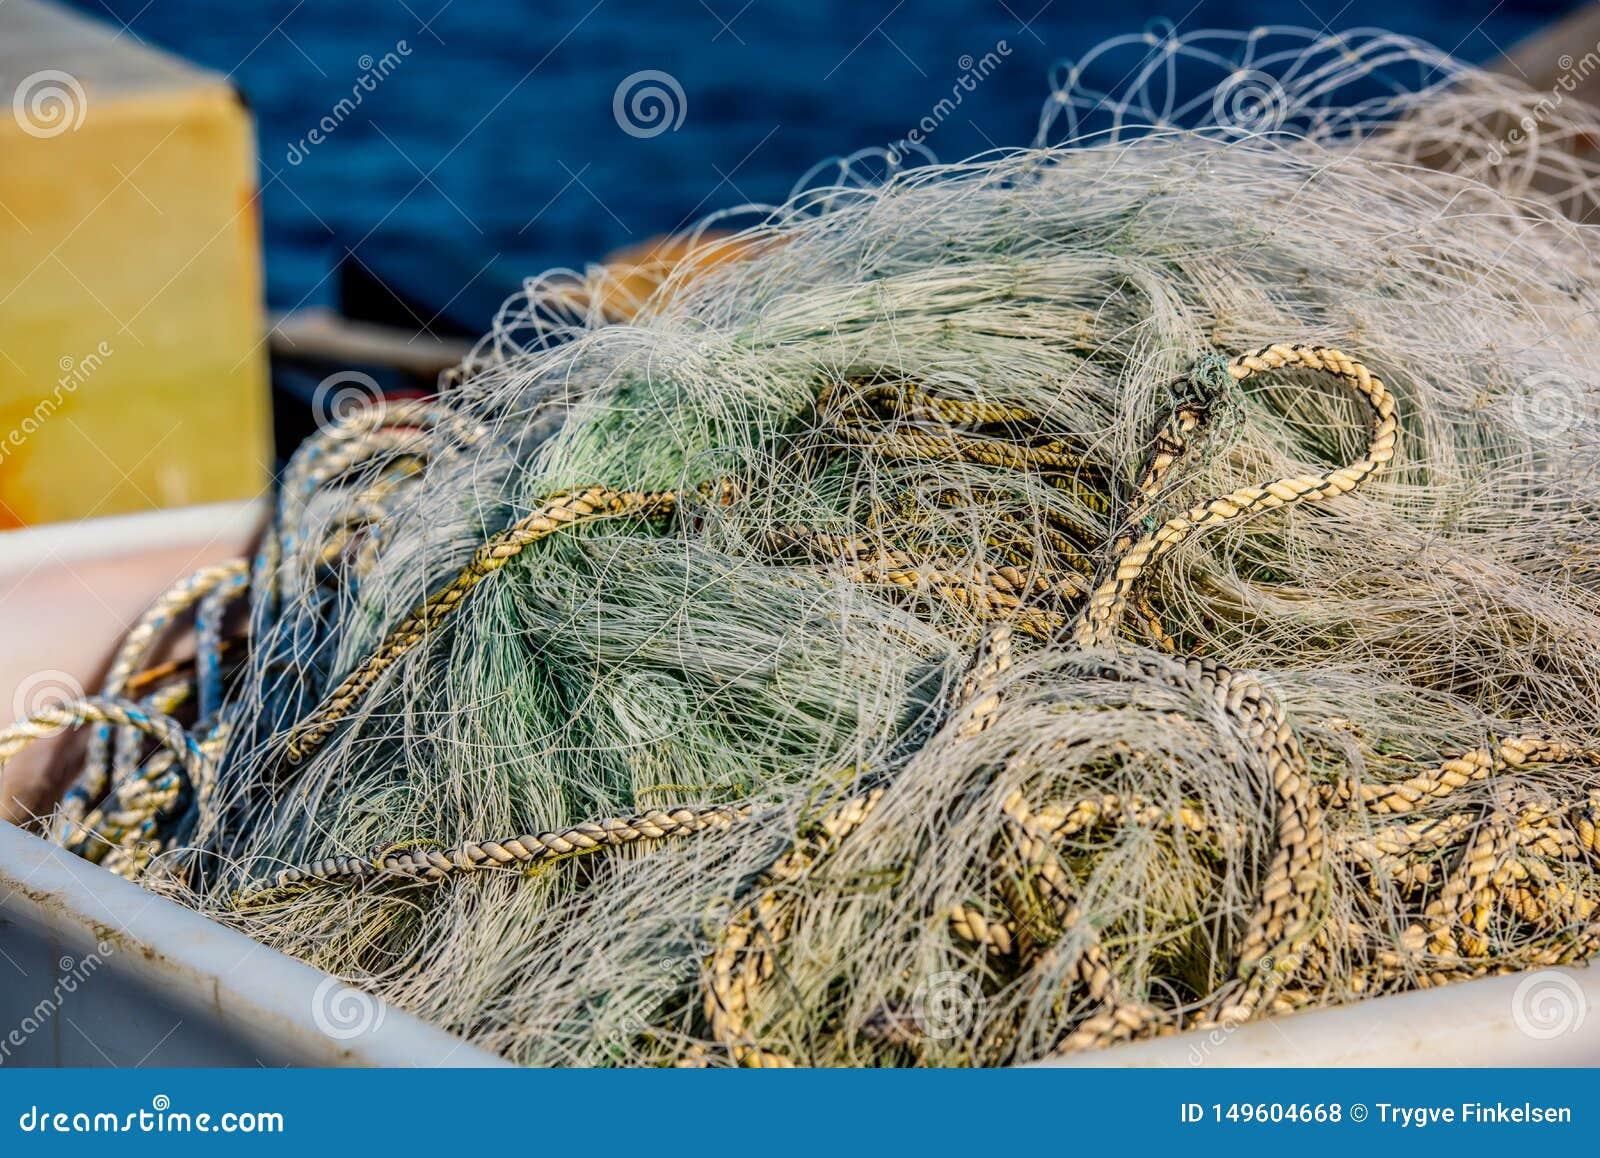 Αχρησιμοποίητα πράσινα δίχτυα του ψαρέματος σε έναν σωρό